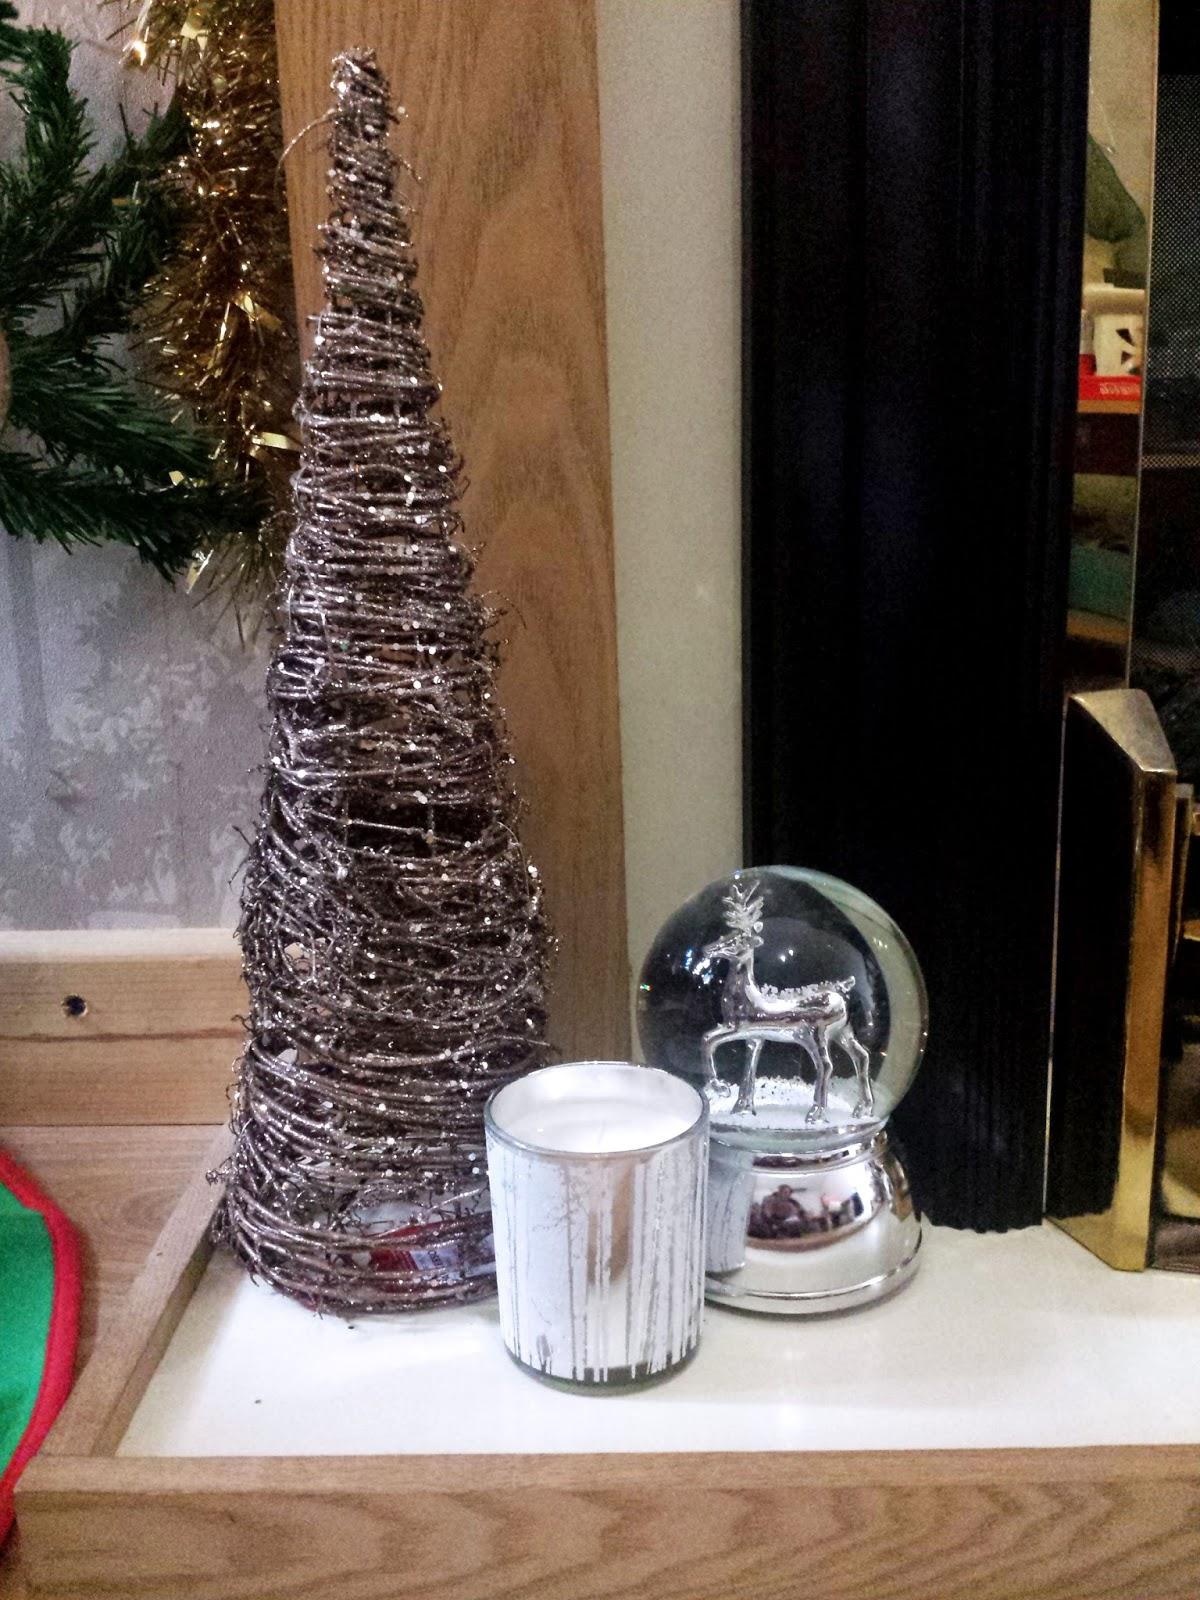 Christmas Decorations at Debenhams